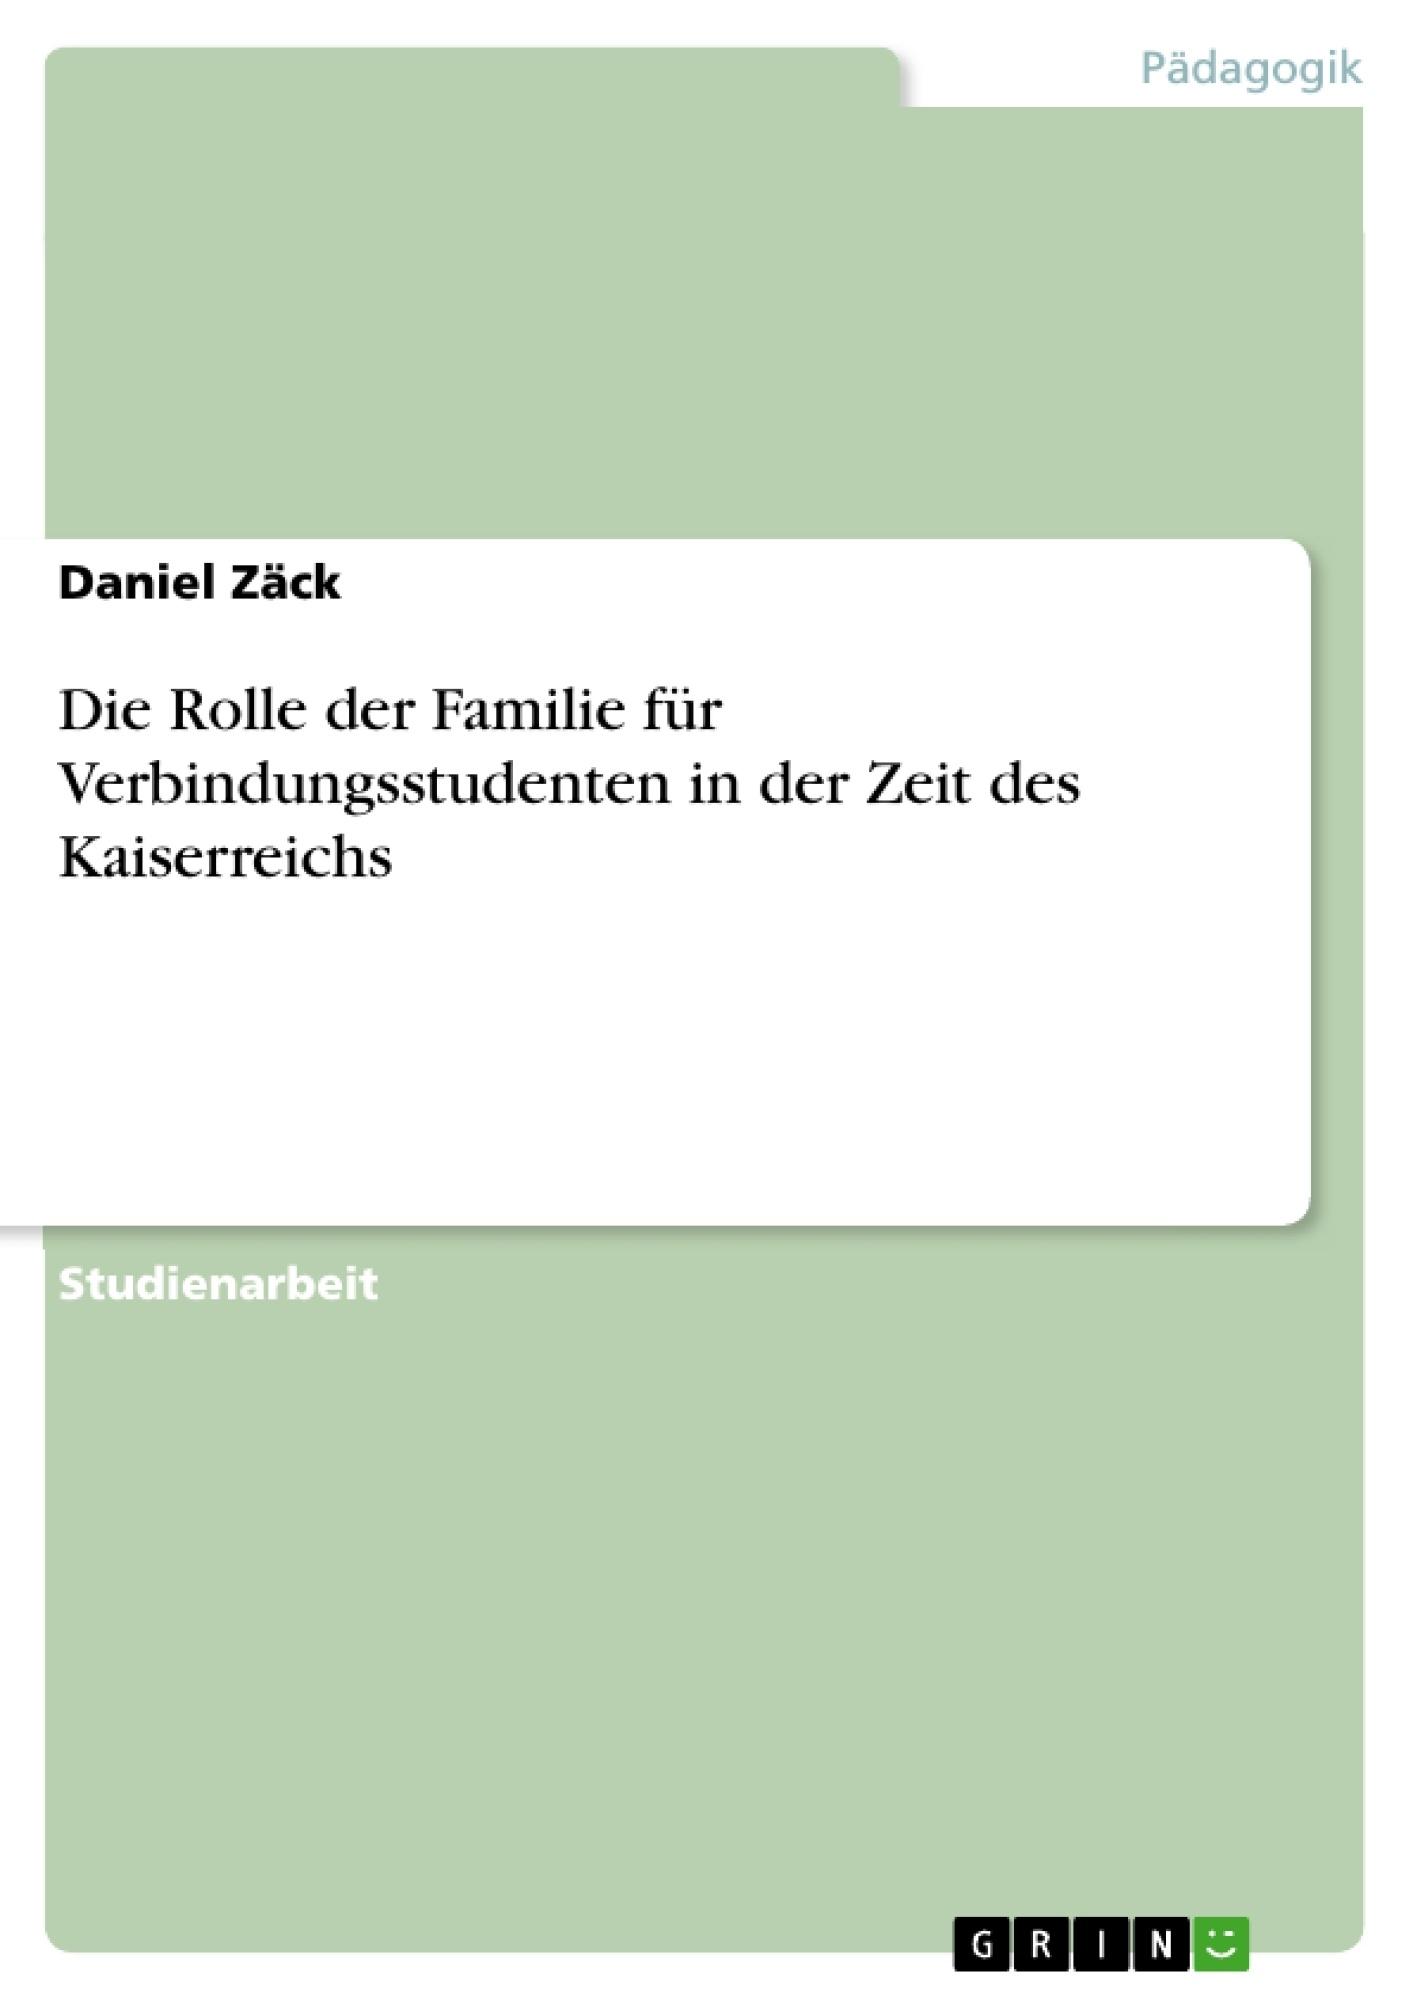 Titel: Die Rolle der Familie für Verbindungsstudenten in der Zeit des Kaiserreichs